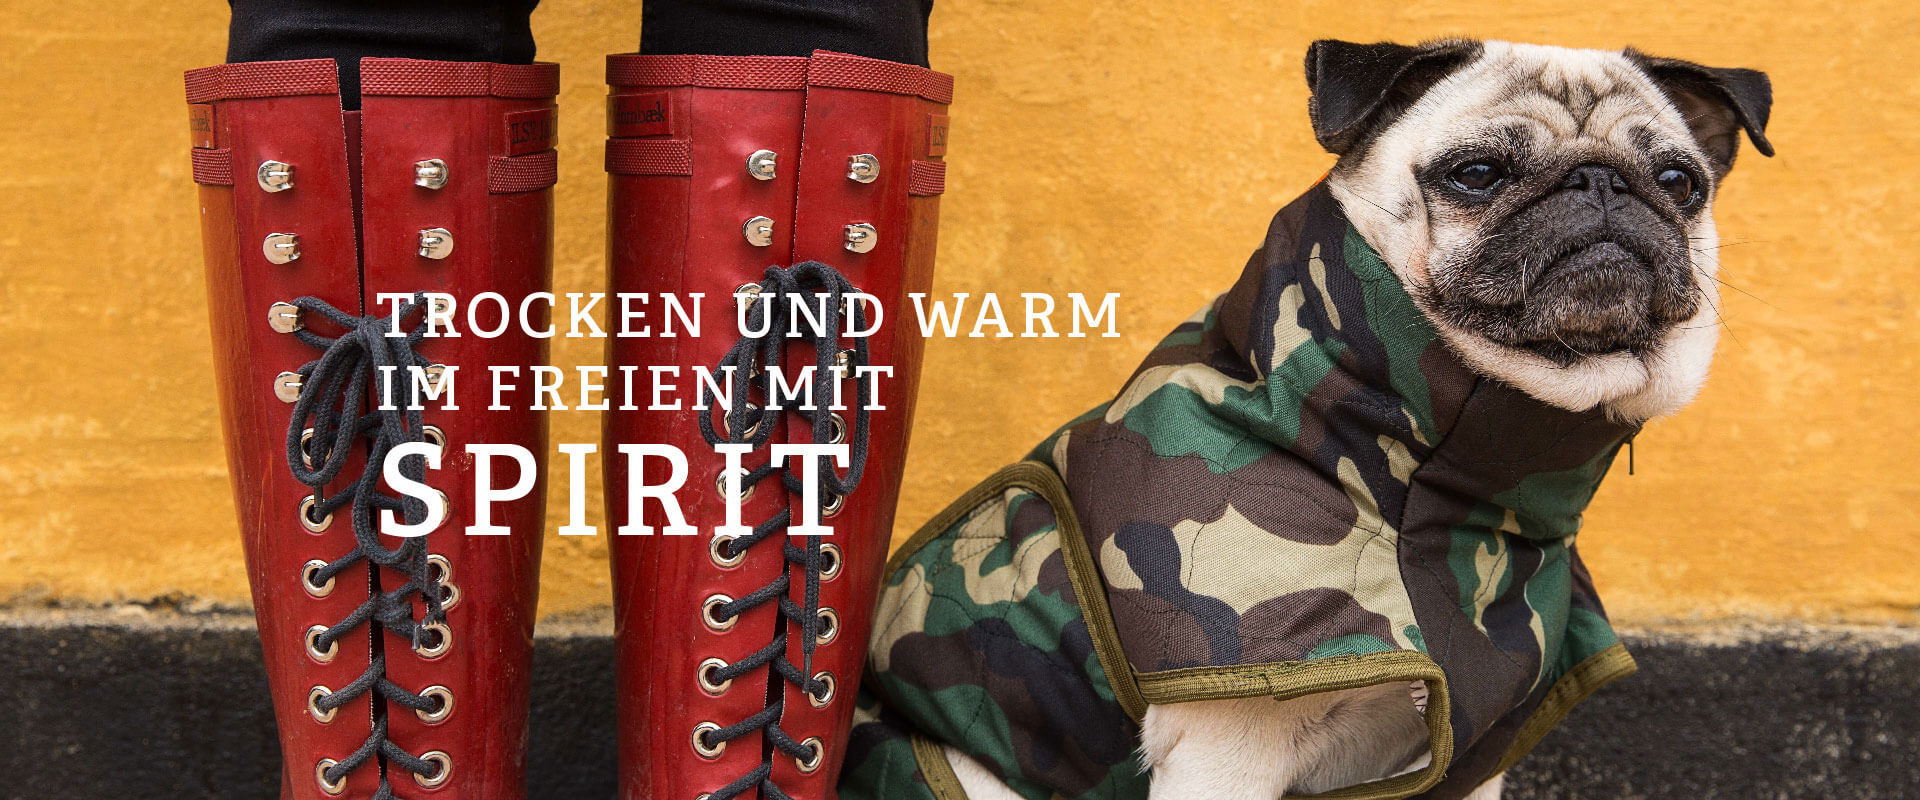 SICCARO Bademäntel, Hundemäntel und Trockenhandschuhe für Hunde, Bild 1